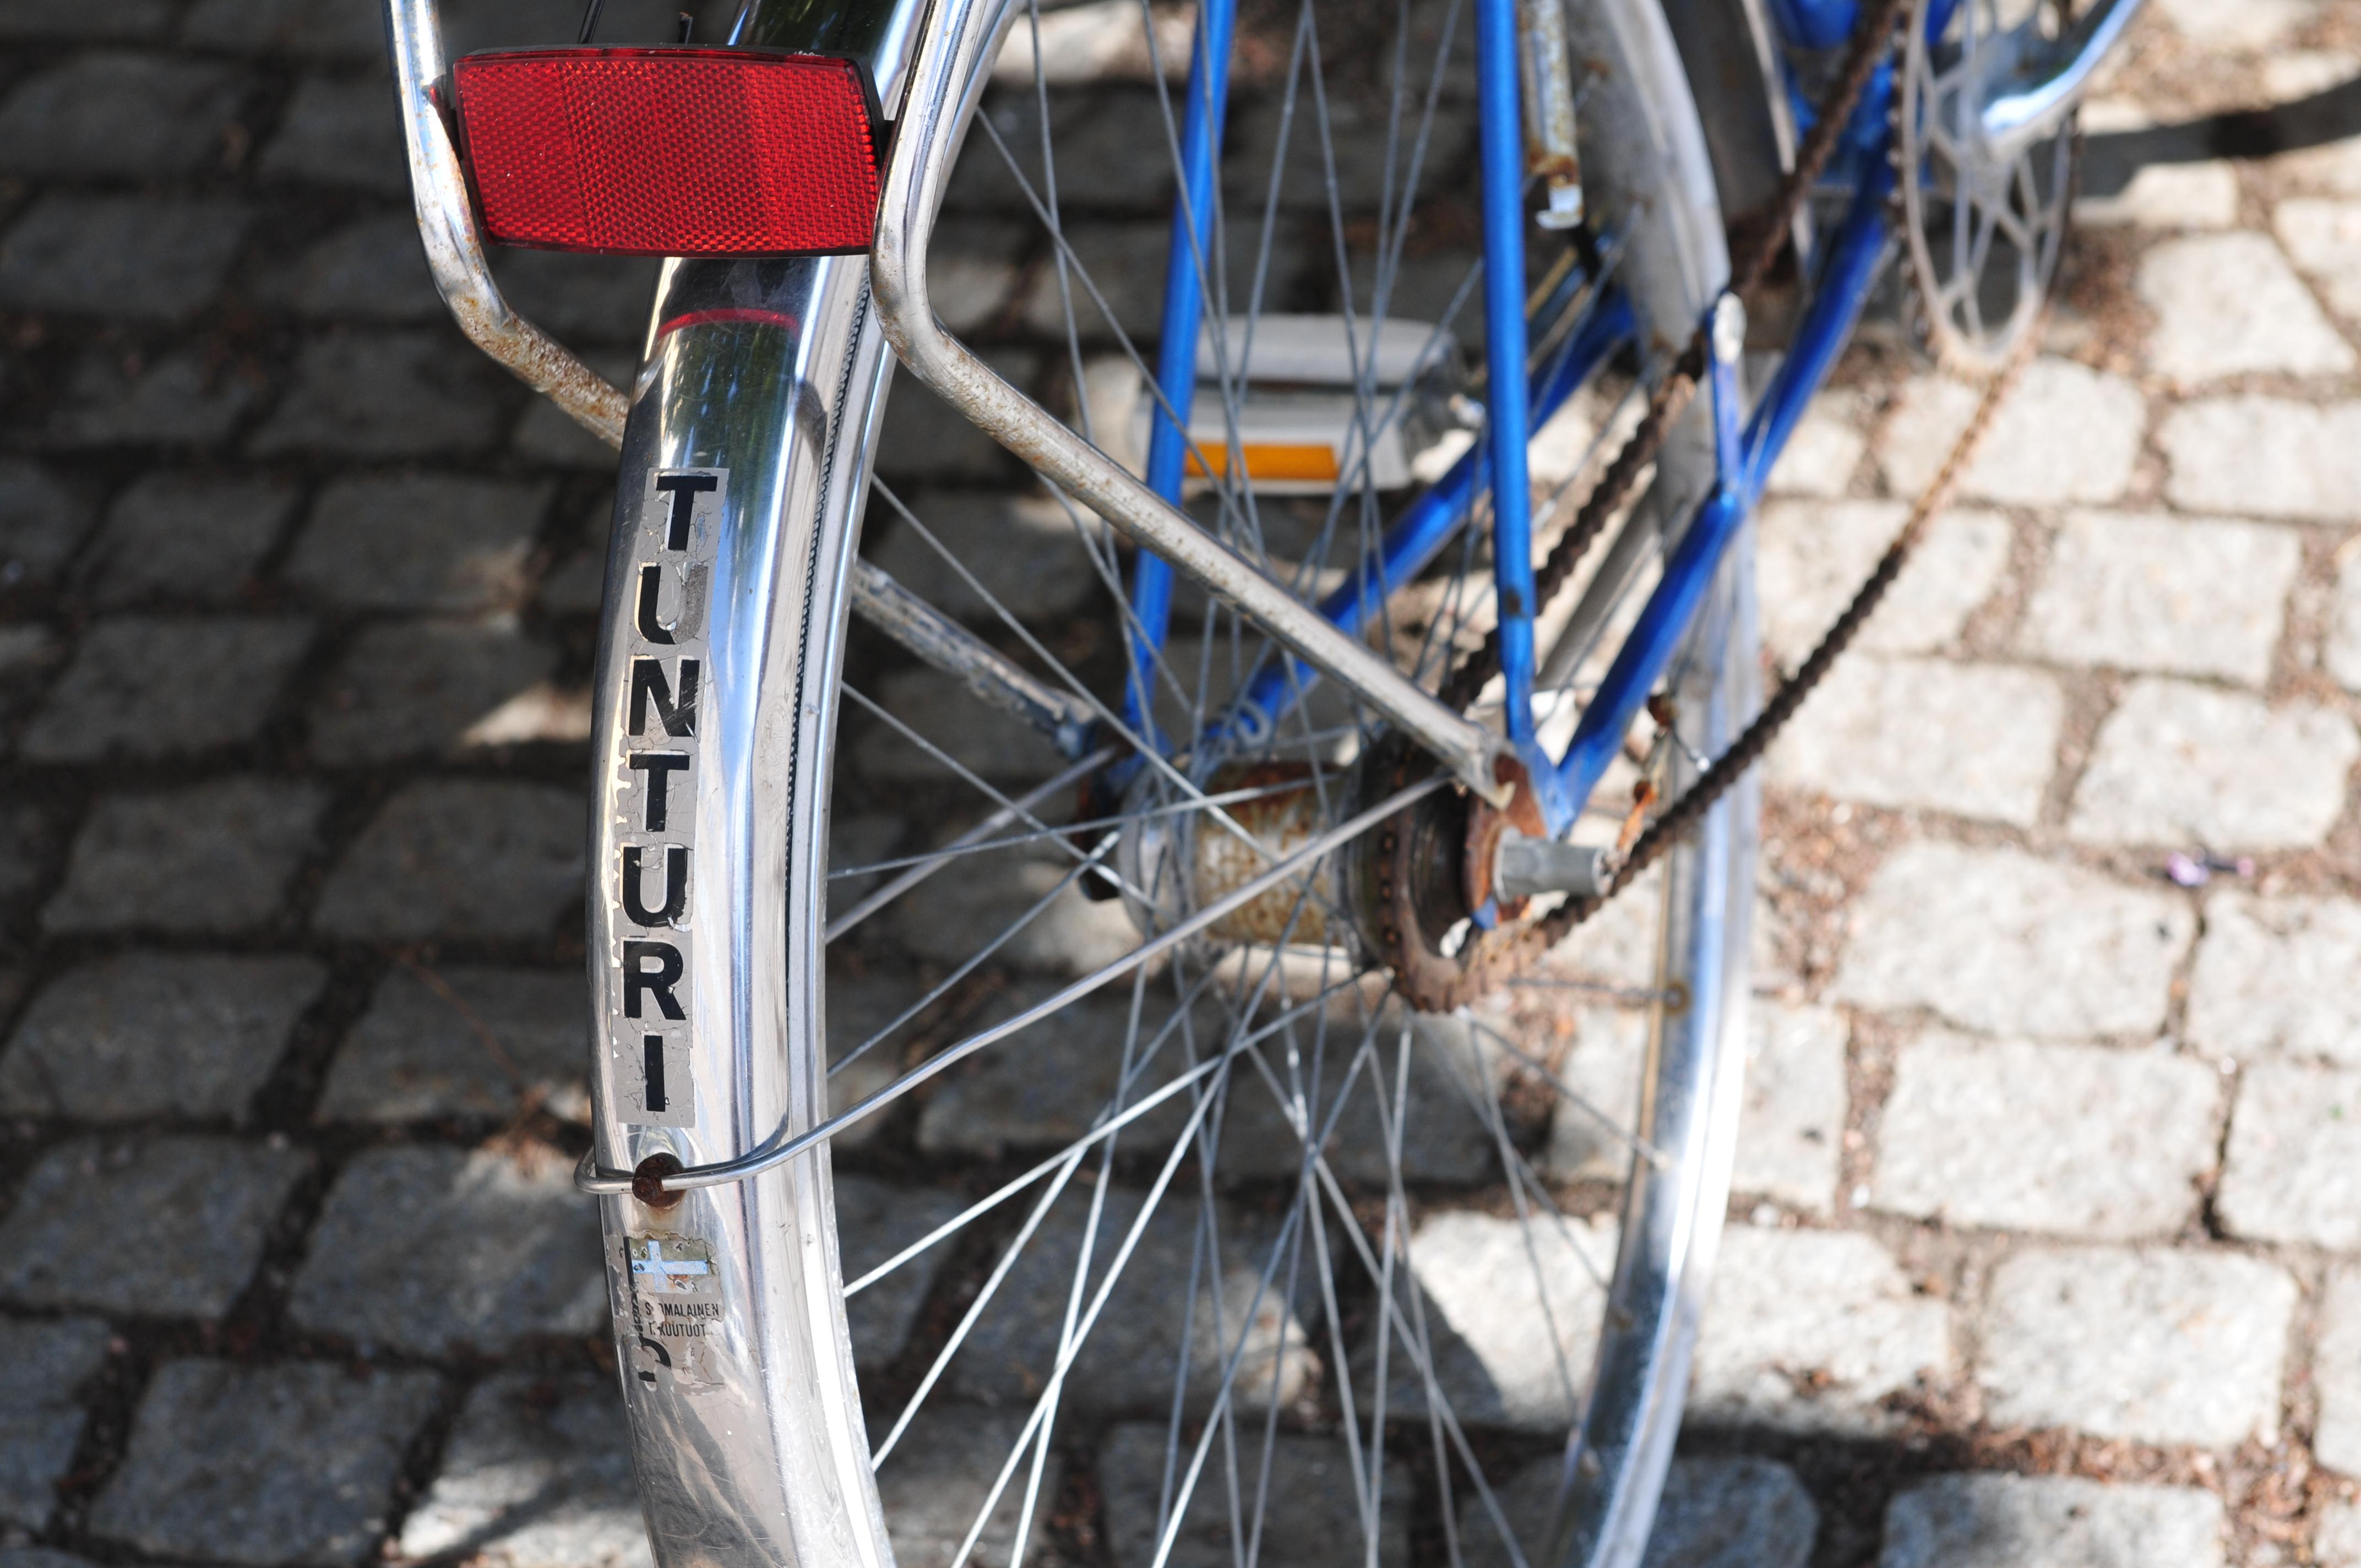 14-08-12-Helsinki-Fahrrad-Tunturi-RalfR-01.jpg